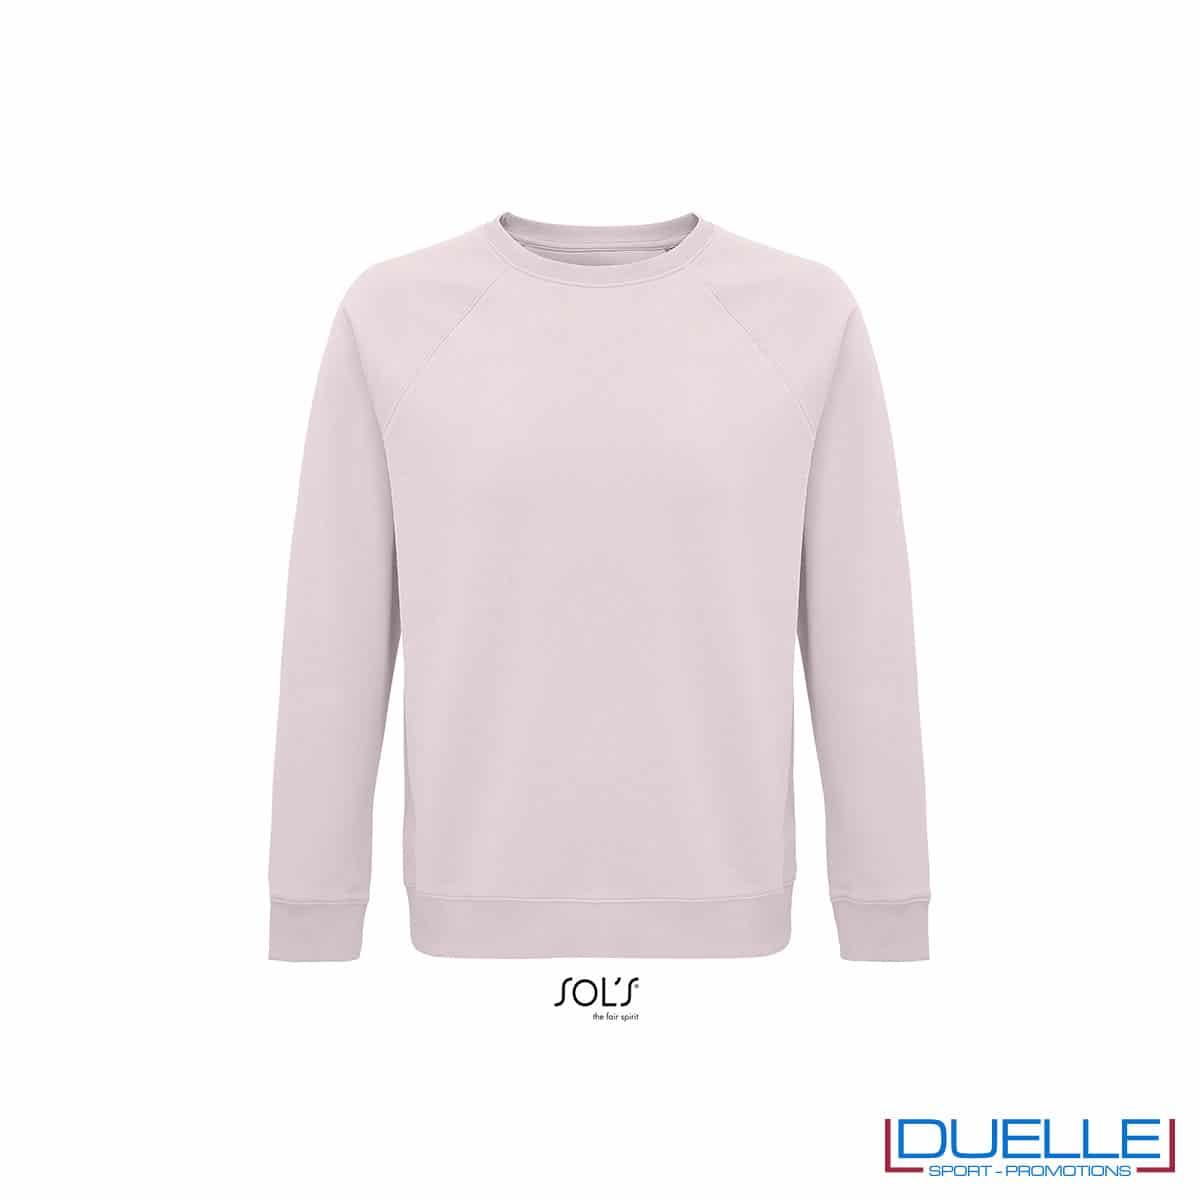 Felpa girocollo in cotone biologico colore rosa pallido personalizzata